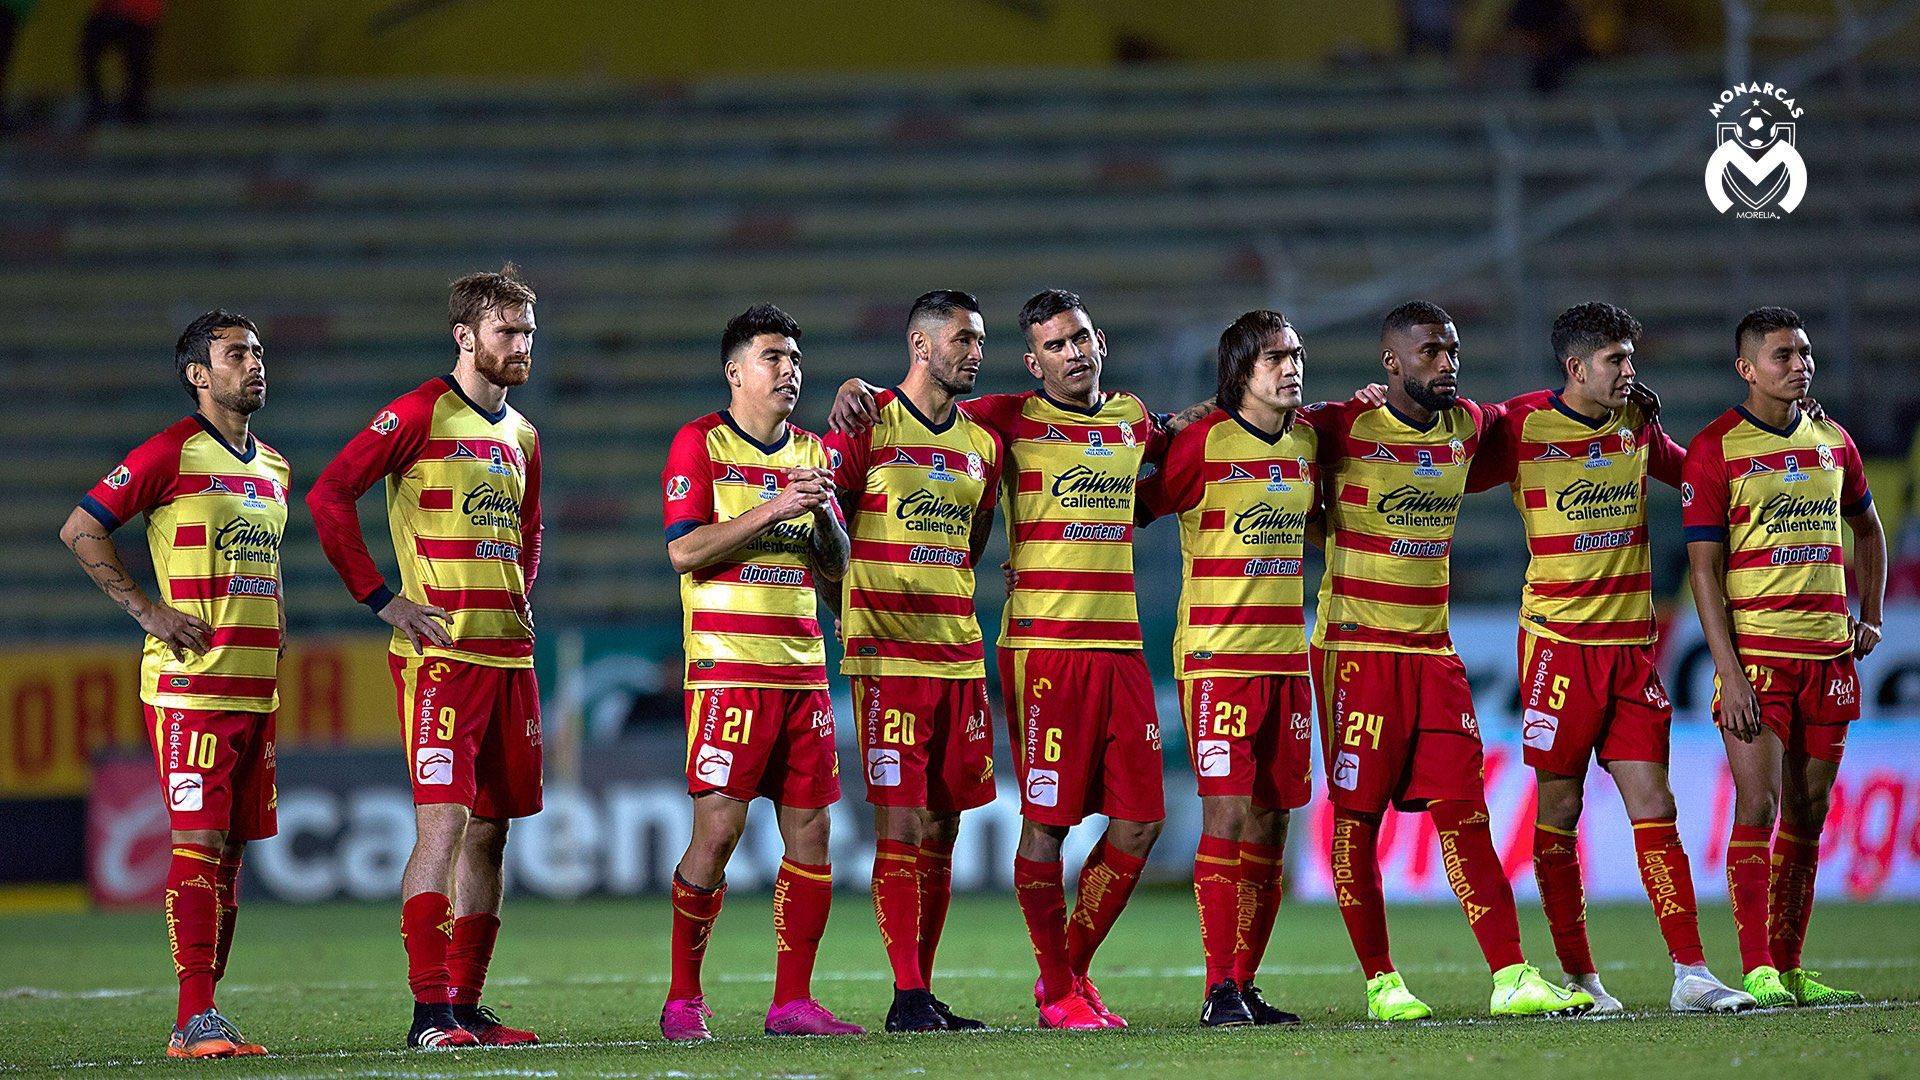 Photo of Morelia en penales eliminó a Cafetaleros en la Copa MX, Achilier jugó todo el partido pero falló su penal